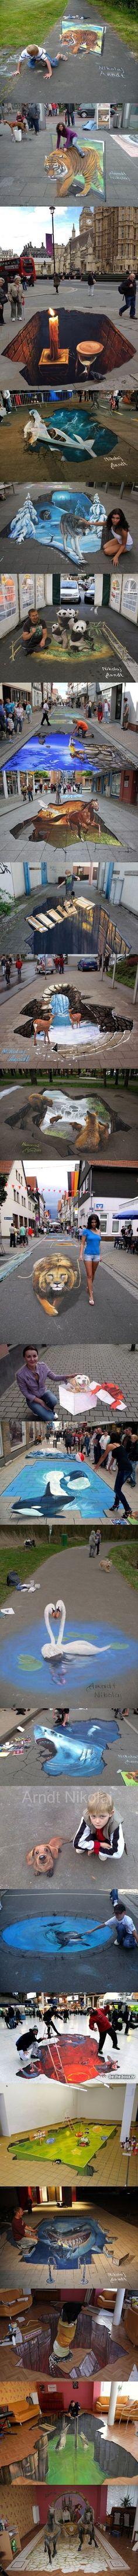 Awesome Street Art - gefunden und gepinnt vom Immobilienmakler in Hannover: arthax-immobilien.de (Cool Art Graffiti)